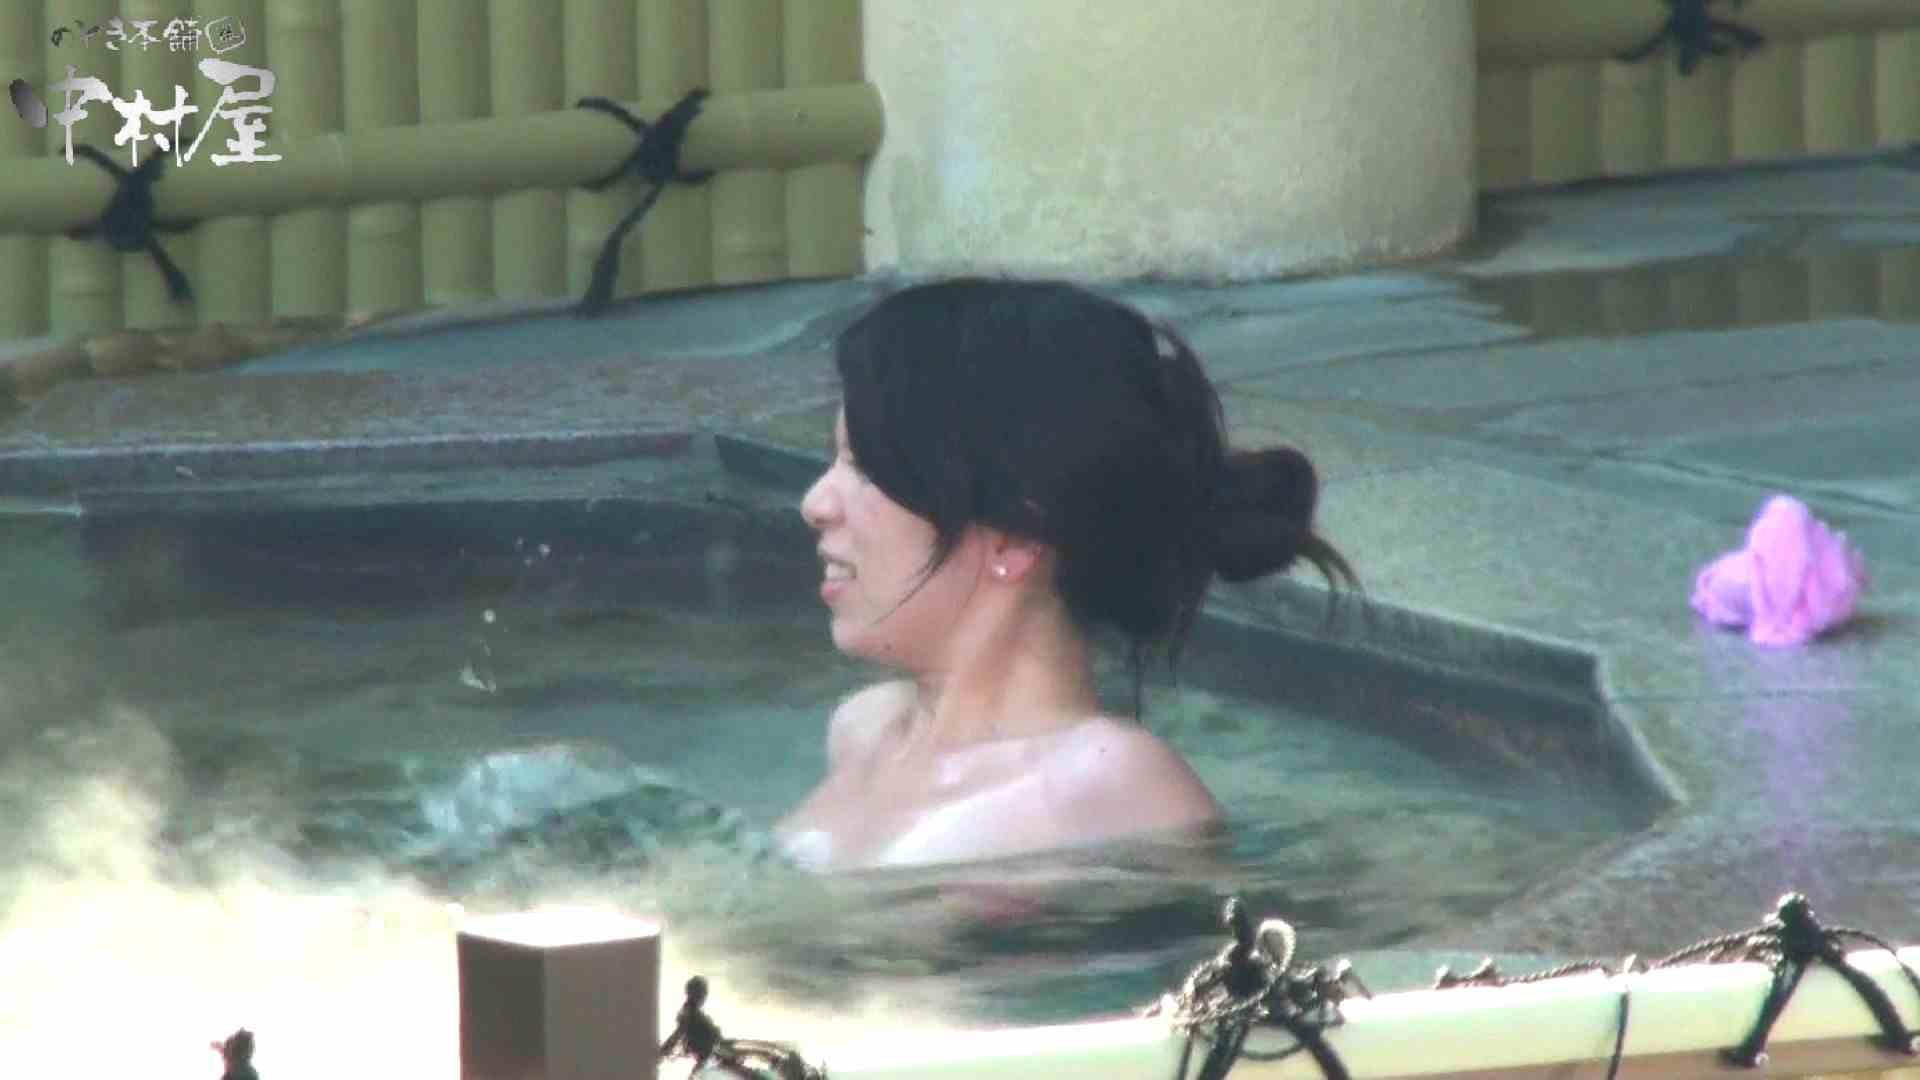 Aquaな露天風呂Vol.919 露天  65枚 18